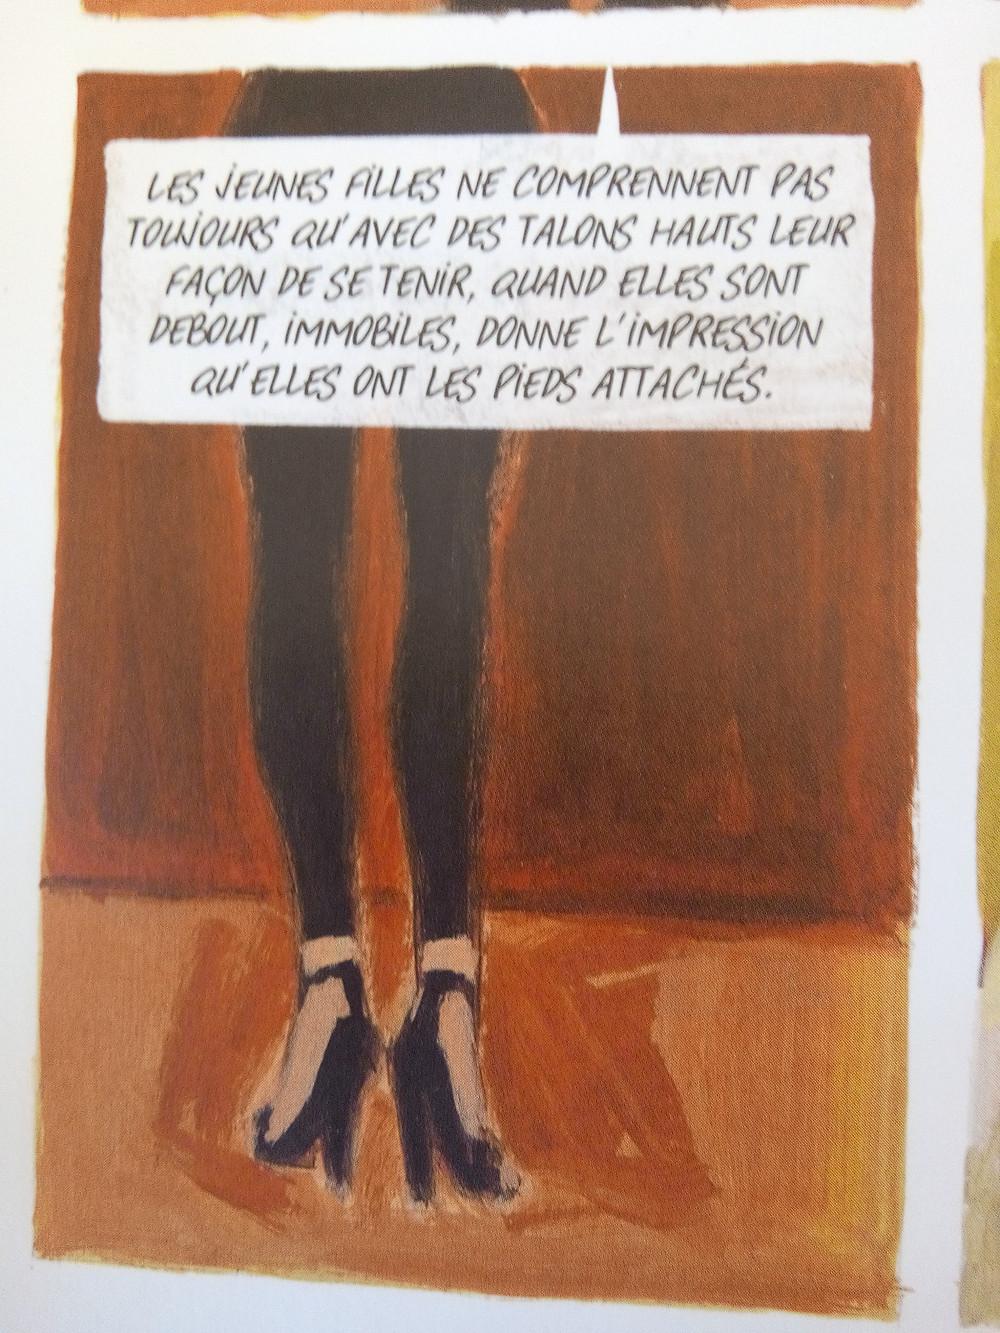 une vignette de la BD: jambes de femme en talons hauts